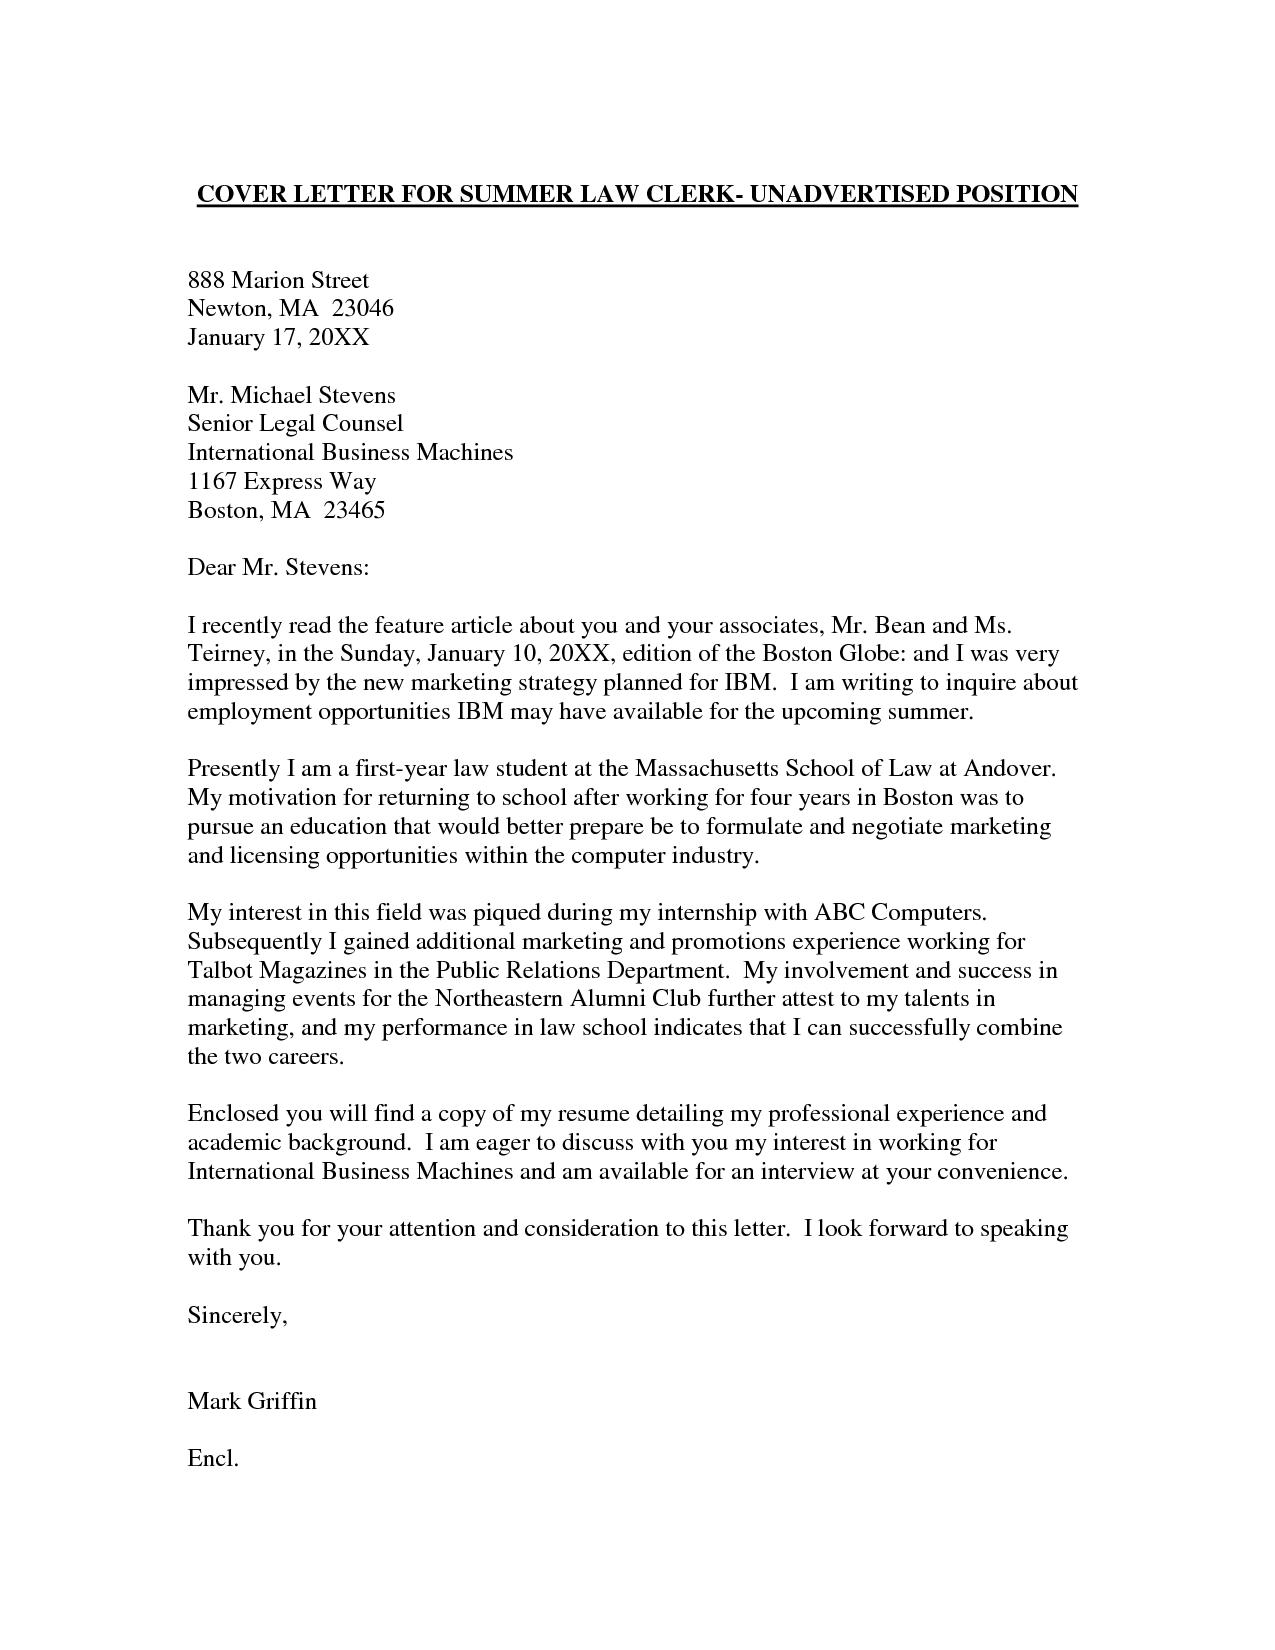 EMPLOYMENT COVER LETTER Template WonderCover Letter Samples For Jobs Application Letter Sample